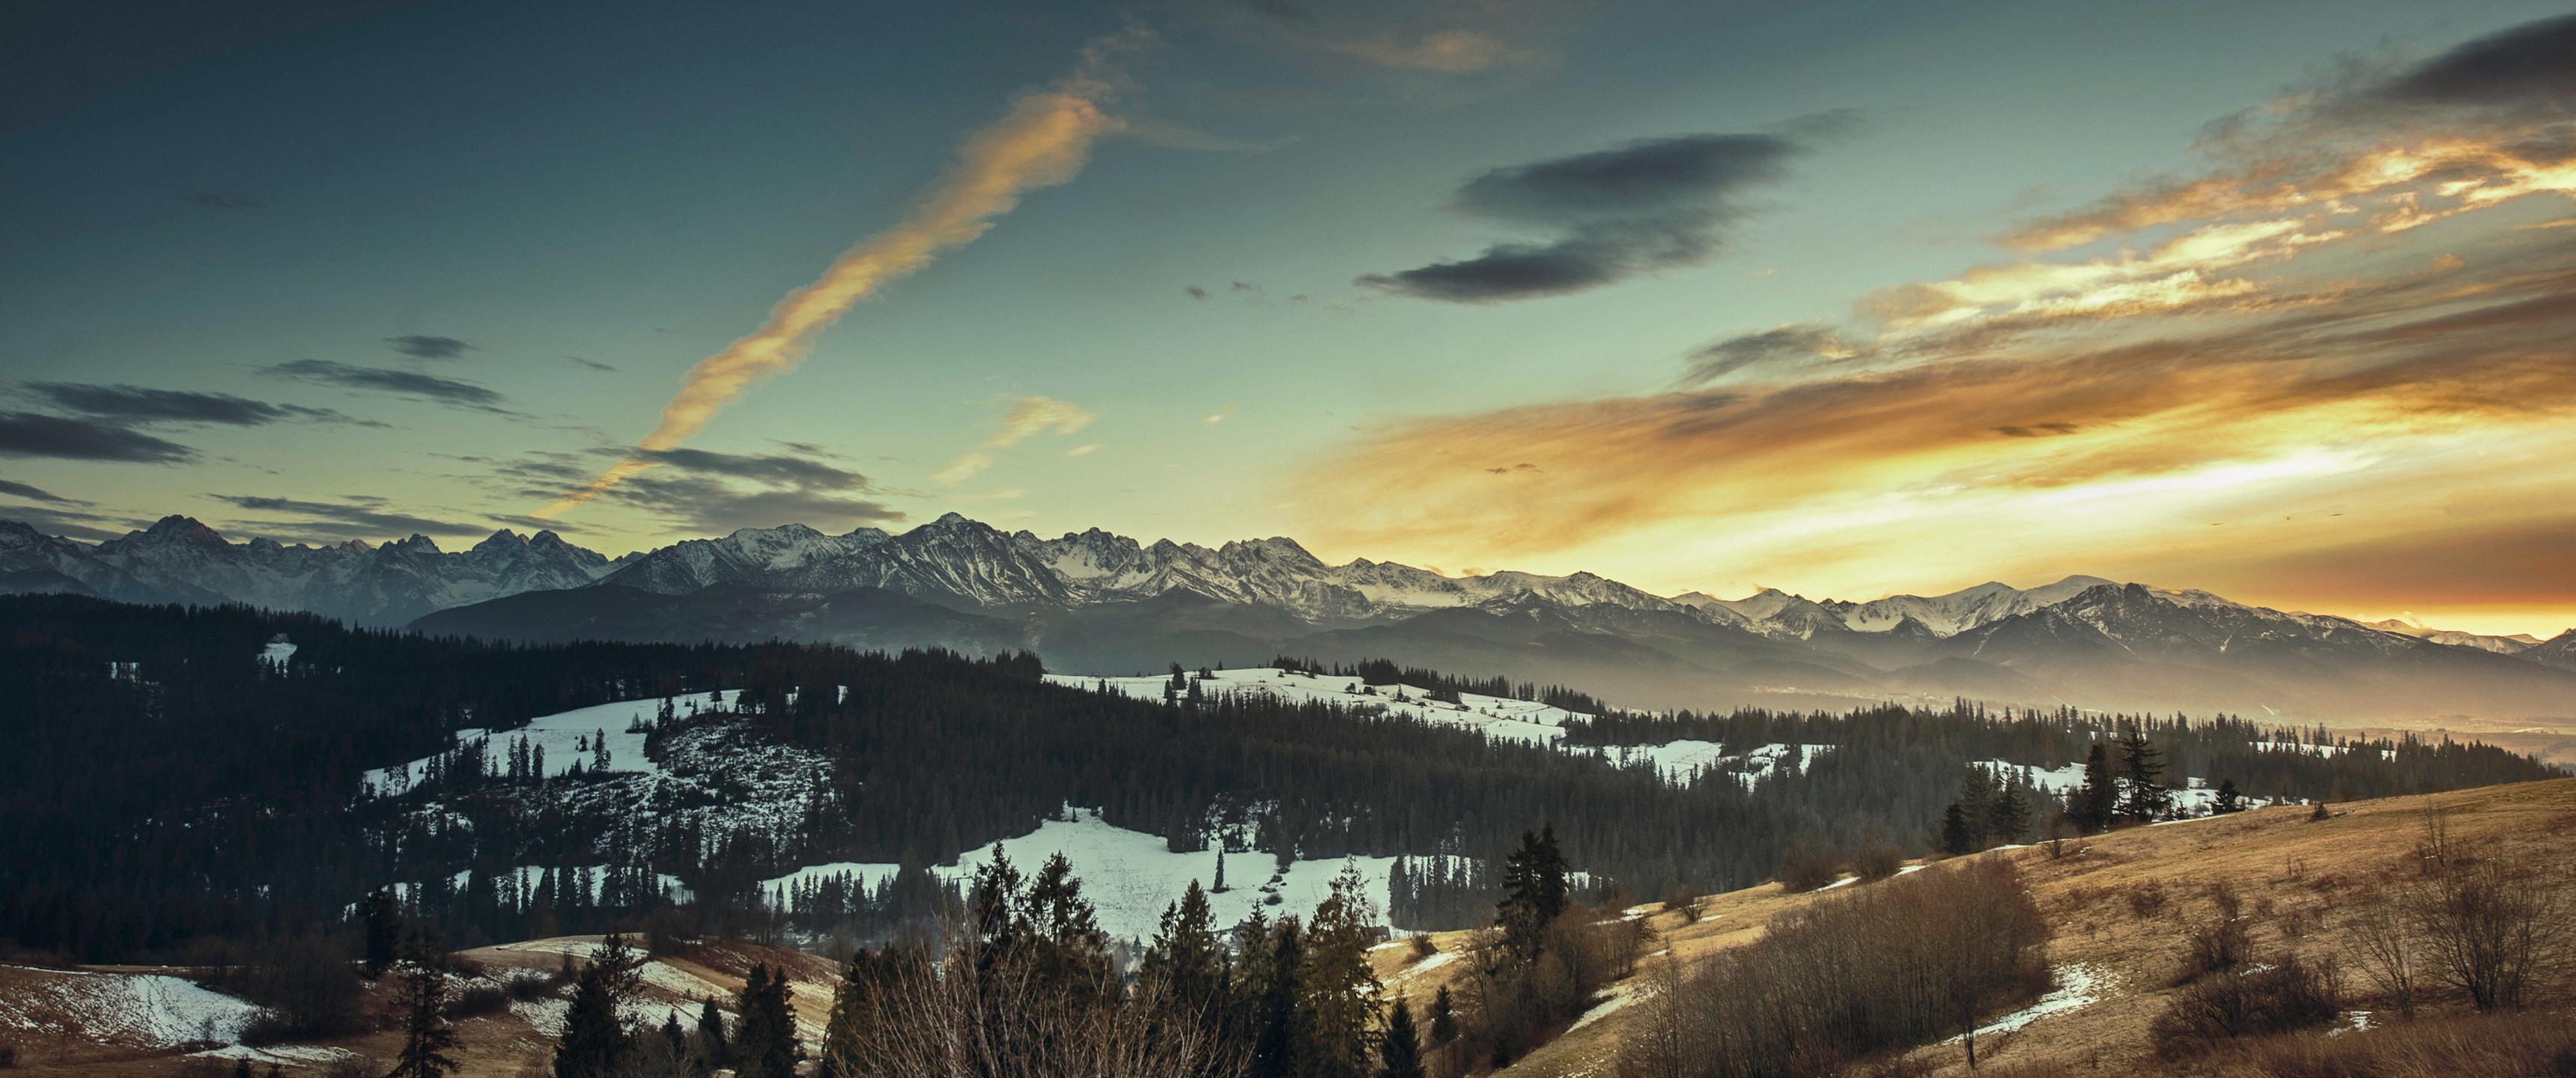 21:9 Ultrawide HD Wallpaper (3440×1440) – December's Sunrise